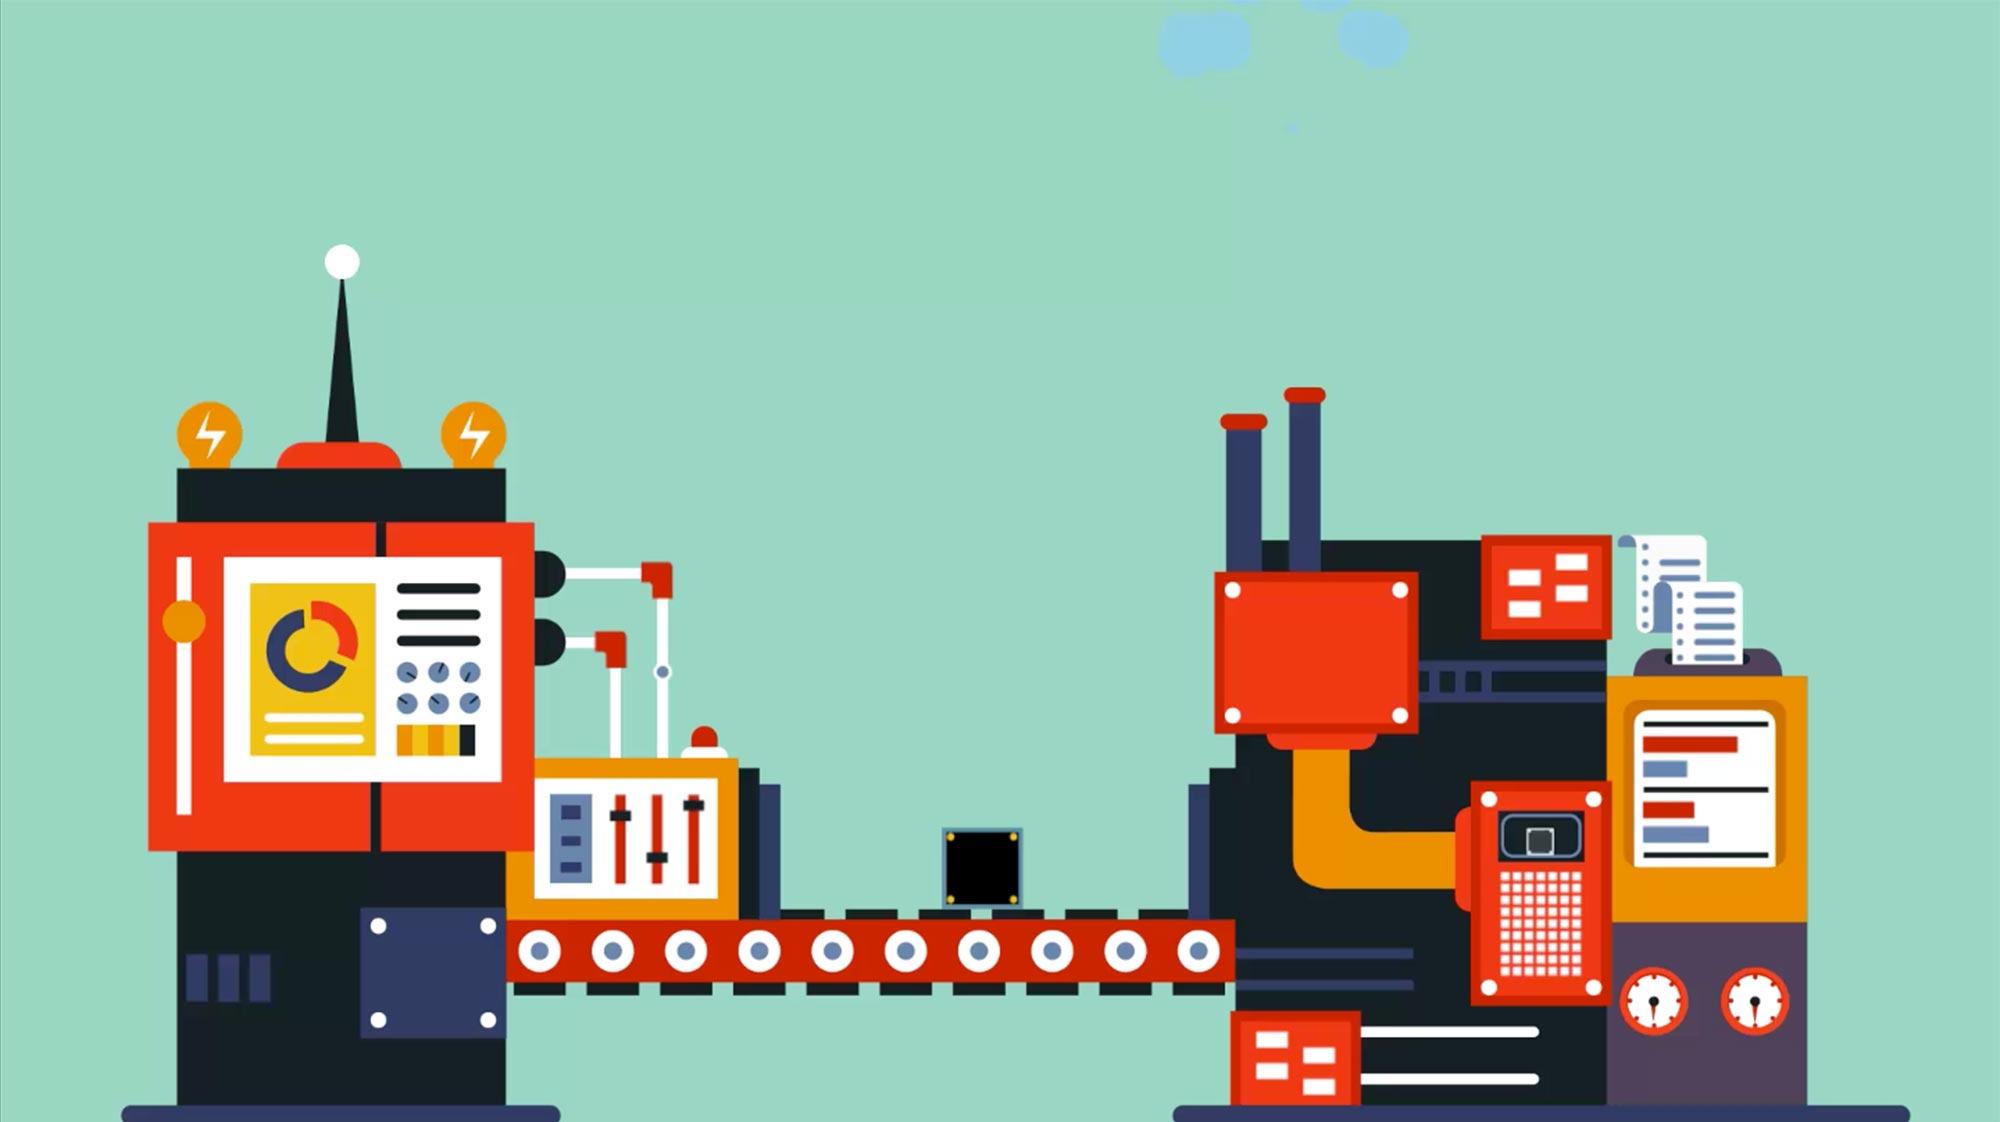 internet-complex-machine-animation-poster.jpg